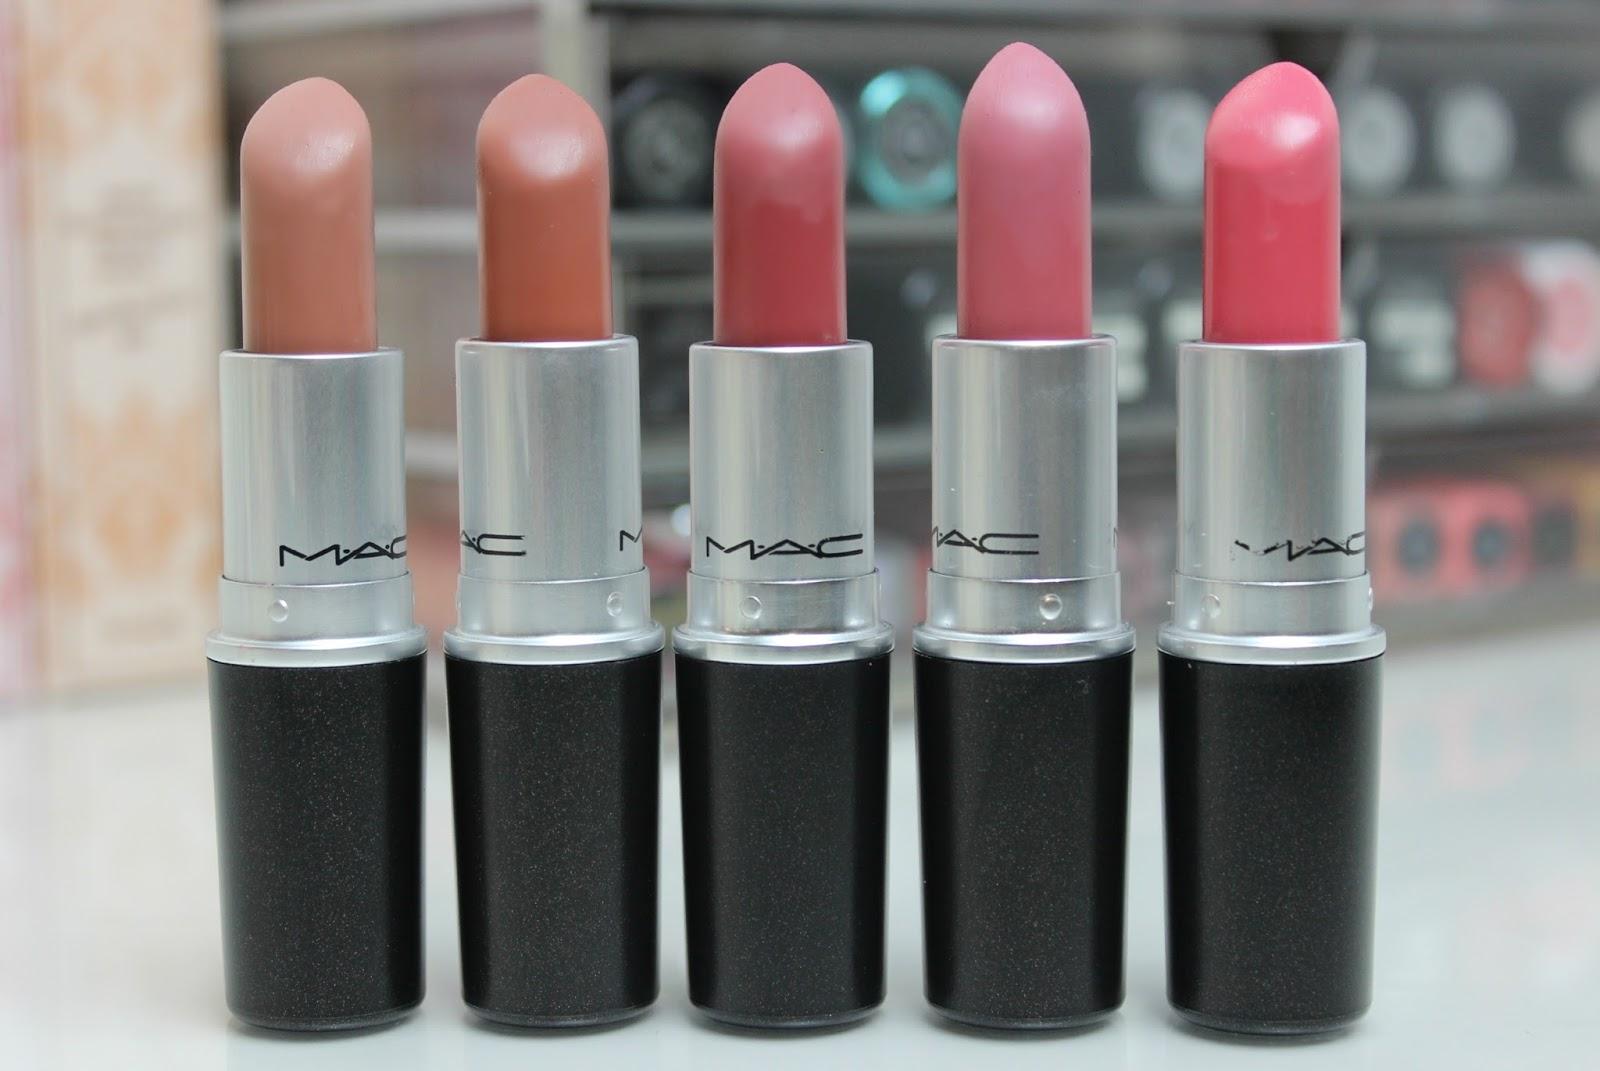 Top 10 MAC Lipsticks | Tattooed Tealady